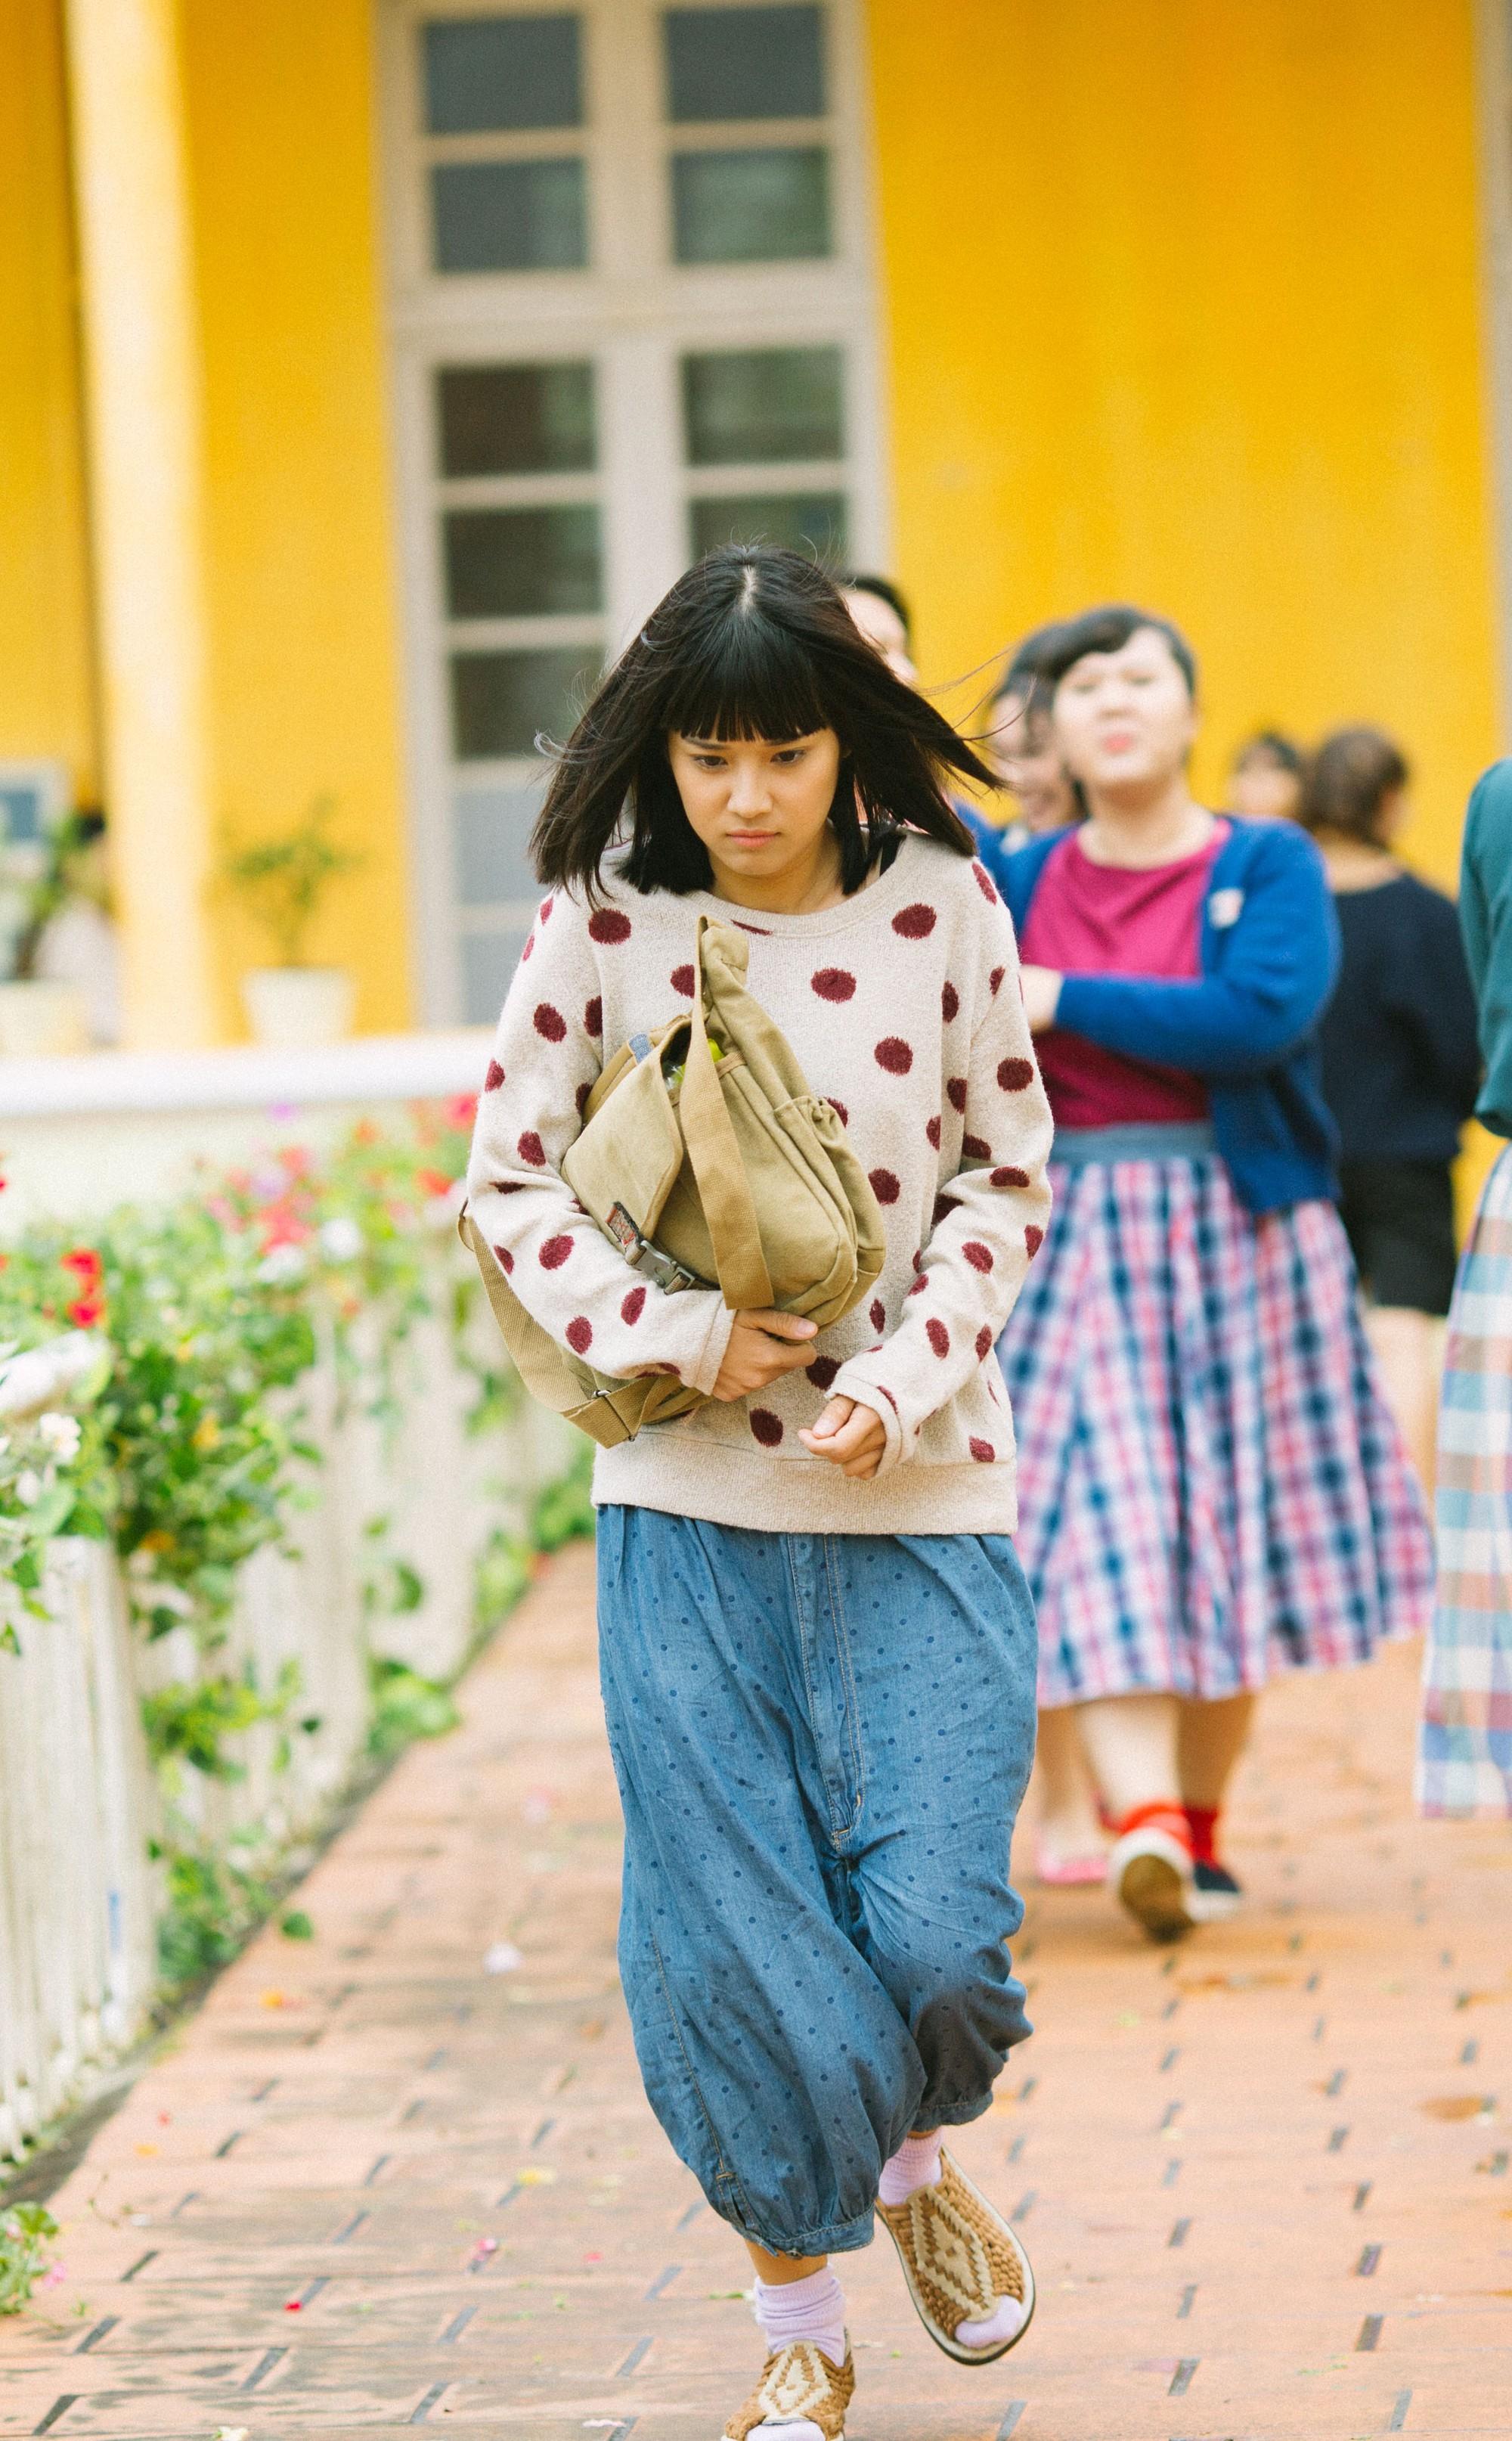 Tháng năm rực rỡ của cô diễn viên Hoàng Yến Chibi đã bắt đầu từ hôm nay! - Ảnh 8.